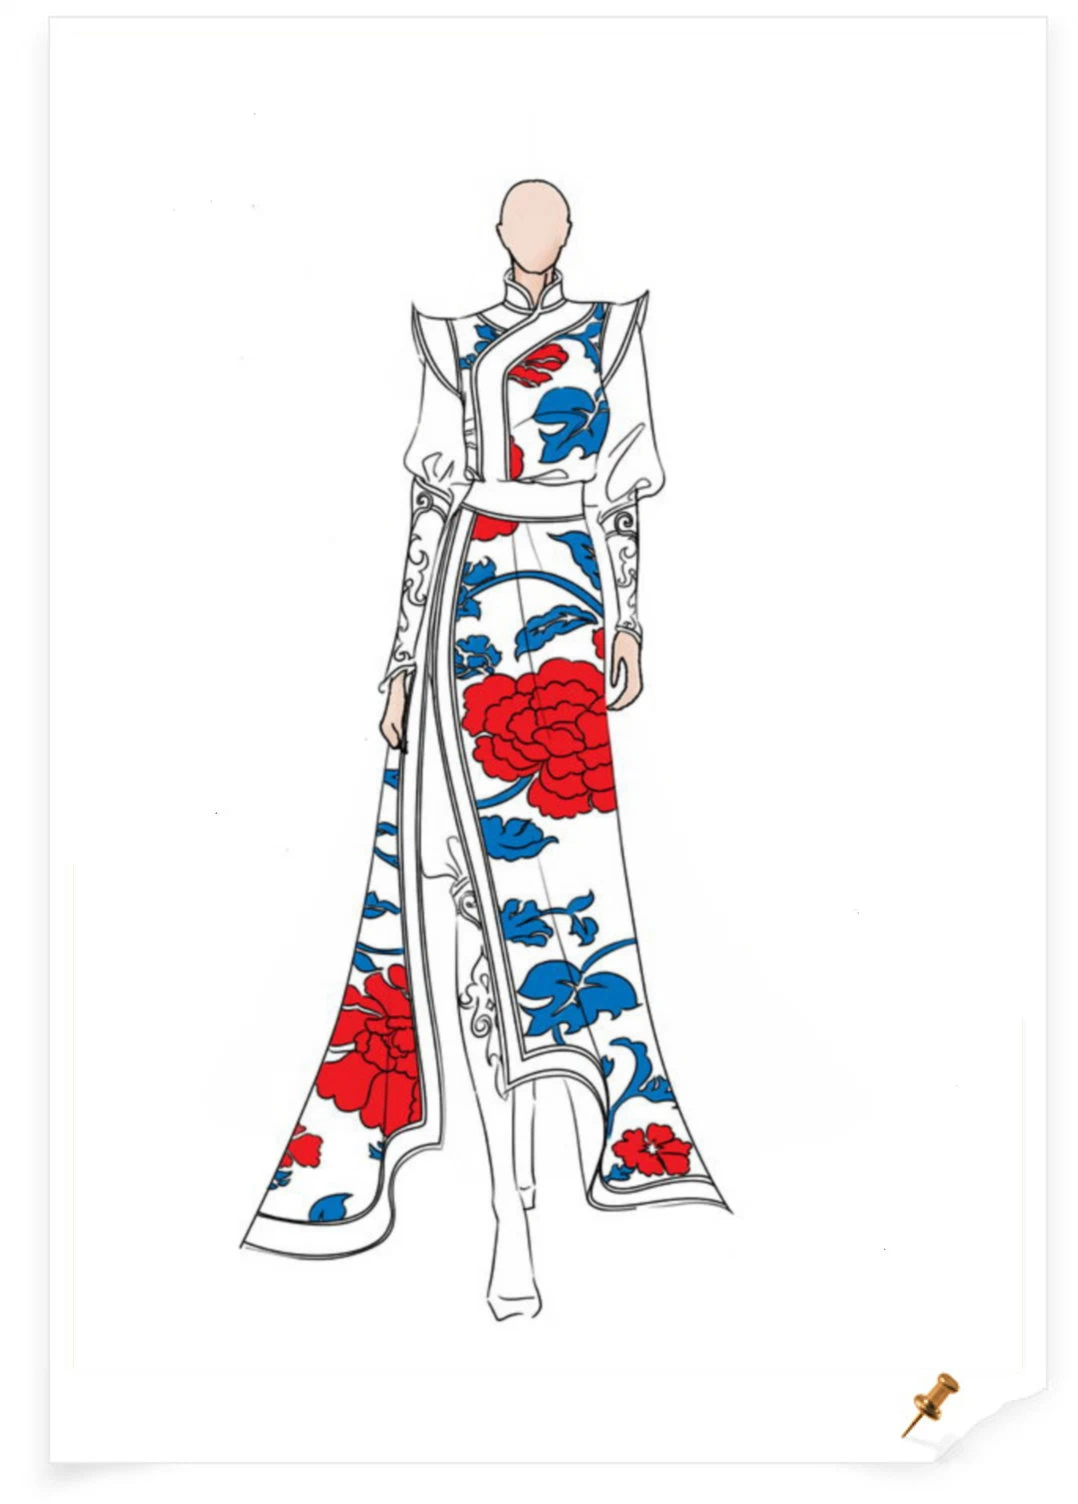 【服装美术】蒙古元素服饰设计效果图 第2张